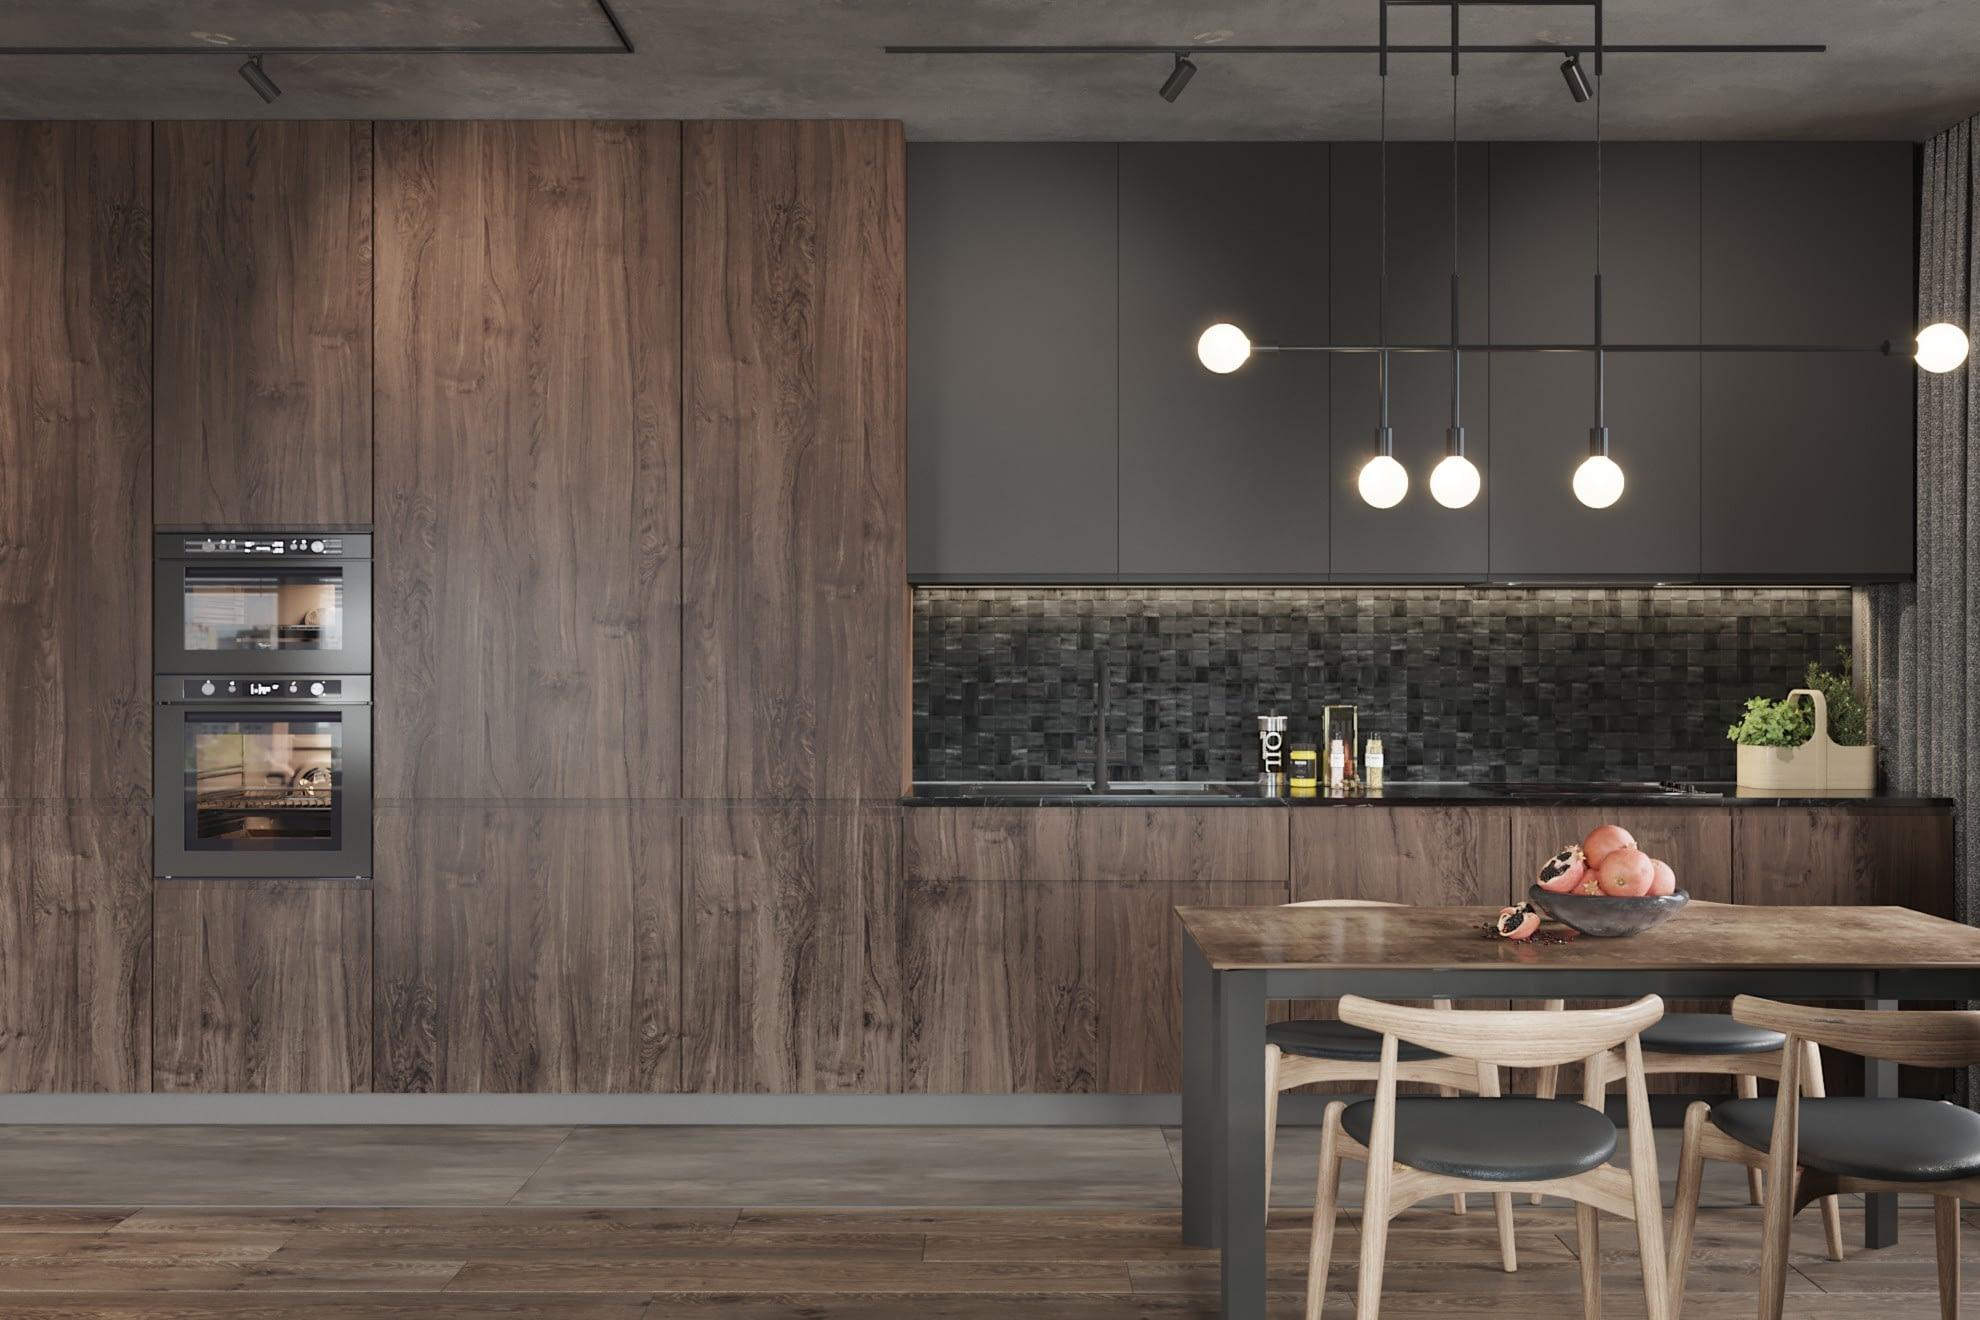 дизайн проект кухни в квартире в ЖК Хоум